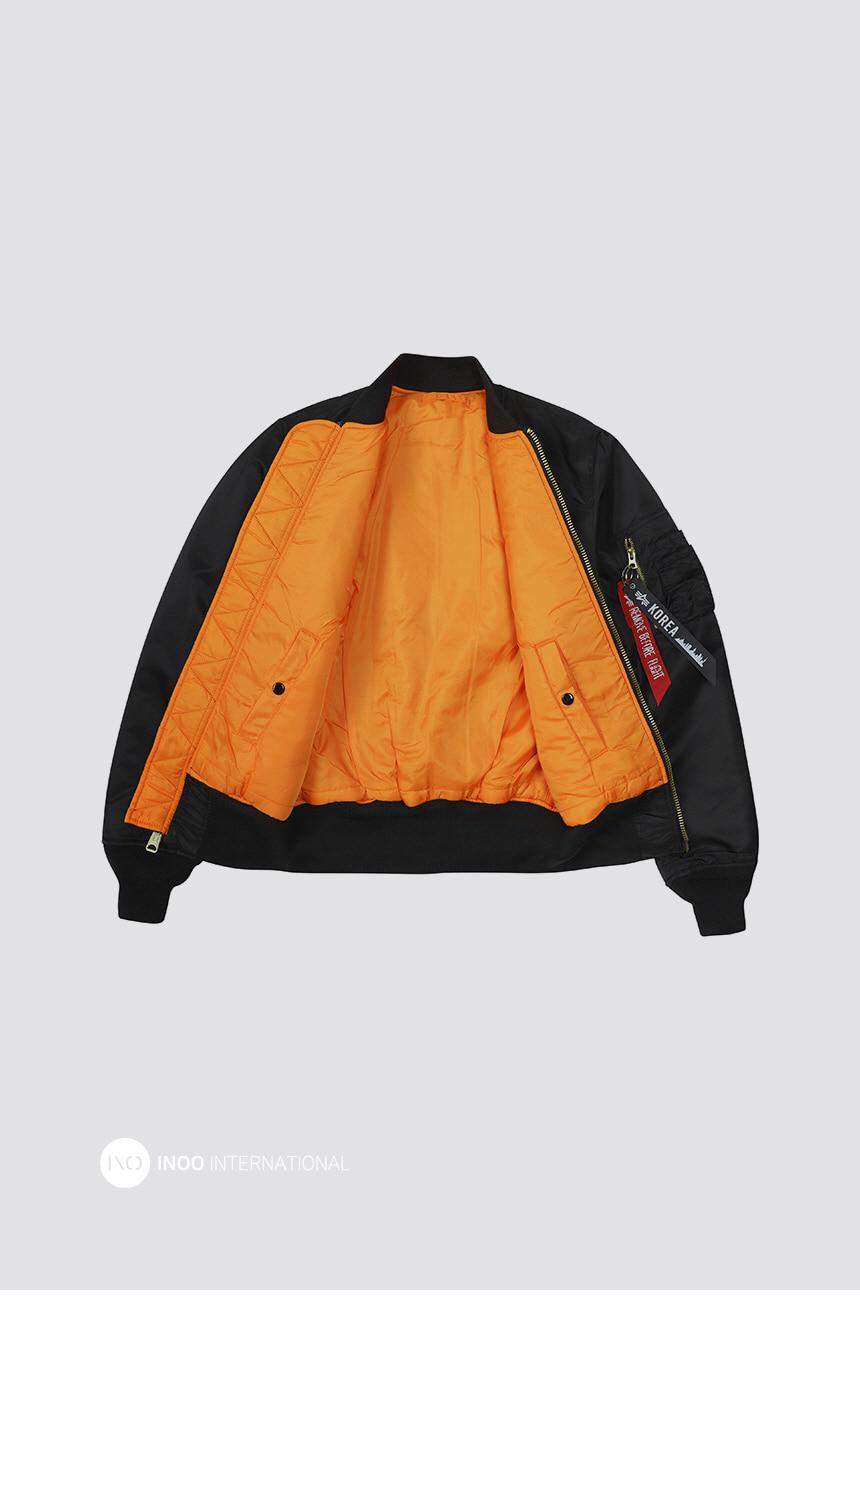 알파인더스트리 MA-1 레귤러 BLACK - 알파인더스트리, 193,500원, 아우터, 자켓